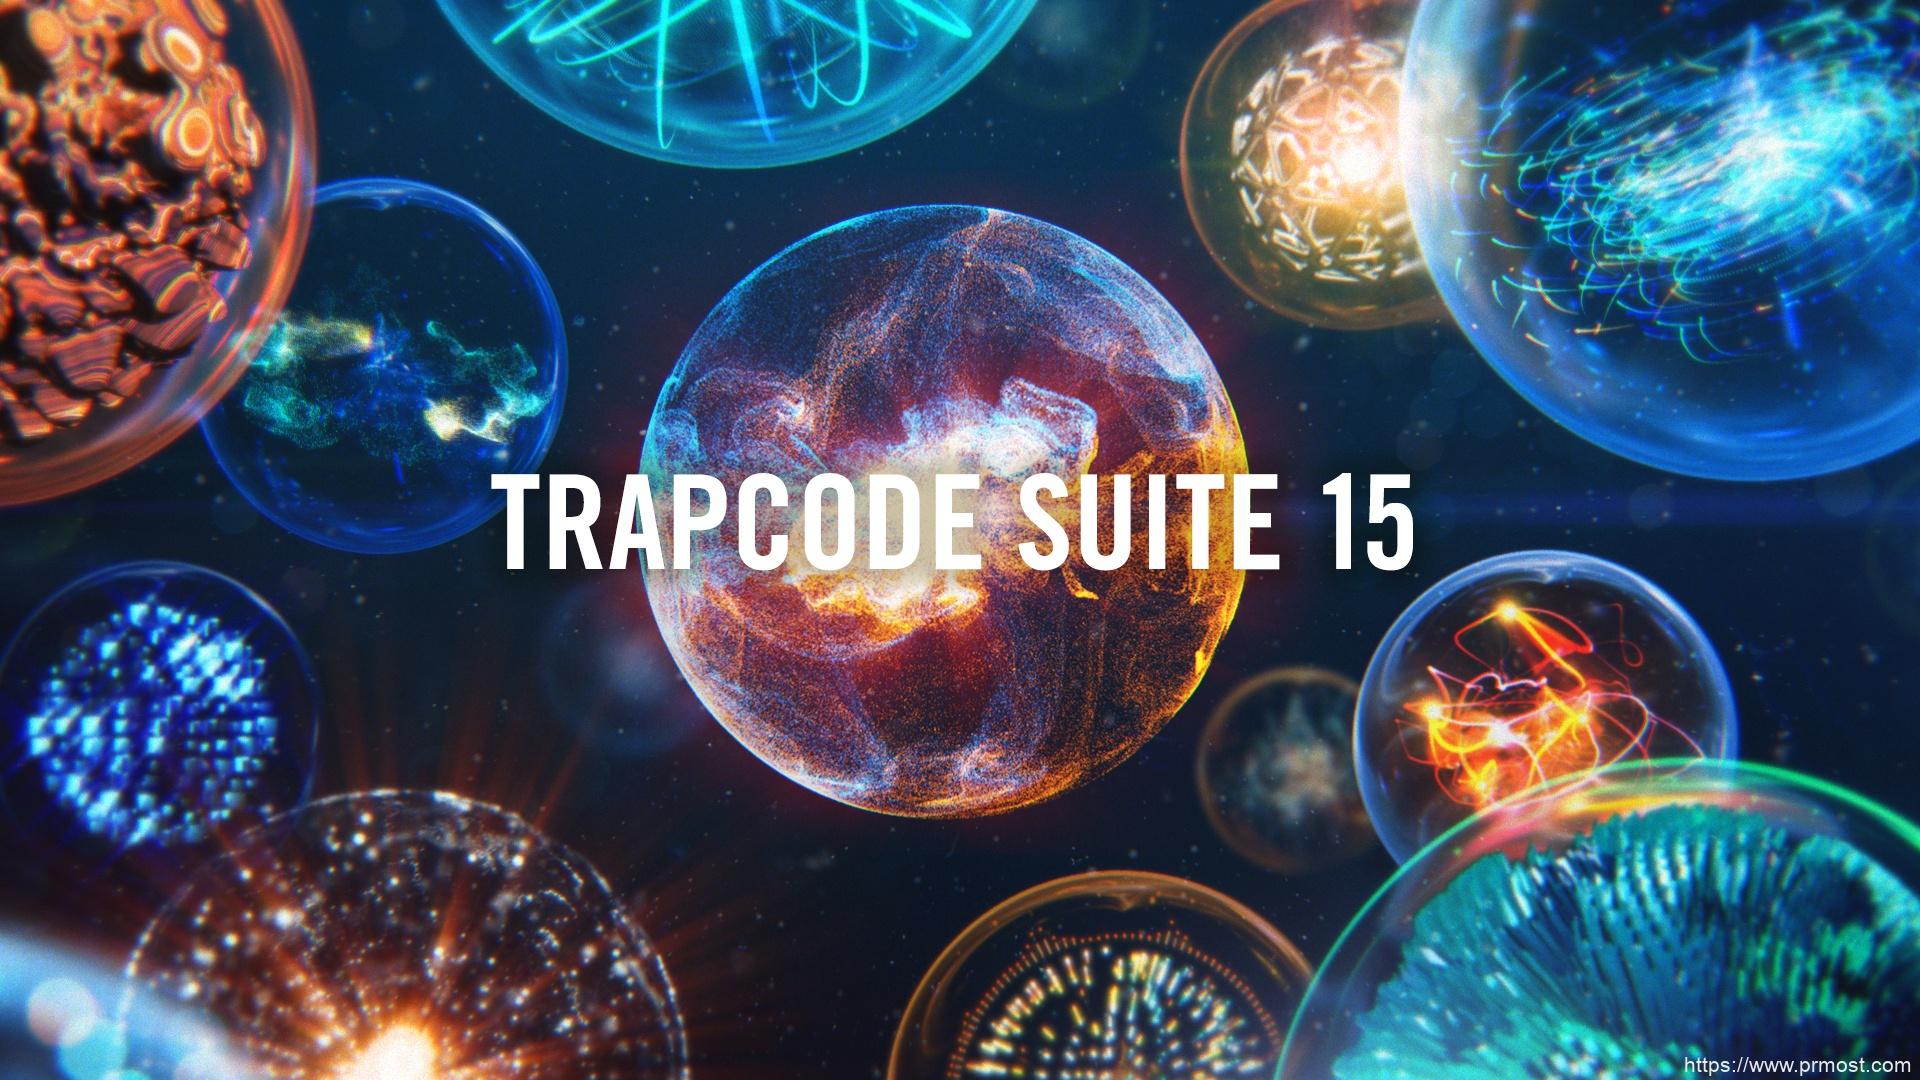 红巨人粒子特效套装AE/PR插件Red Giant Trapcode Suite 15.1.4 Win/Mac 多个注册码解决冲突失效